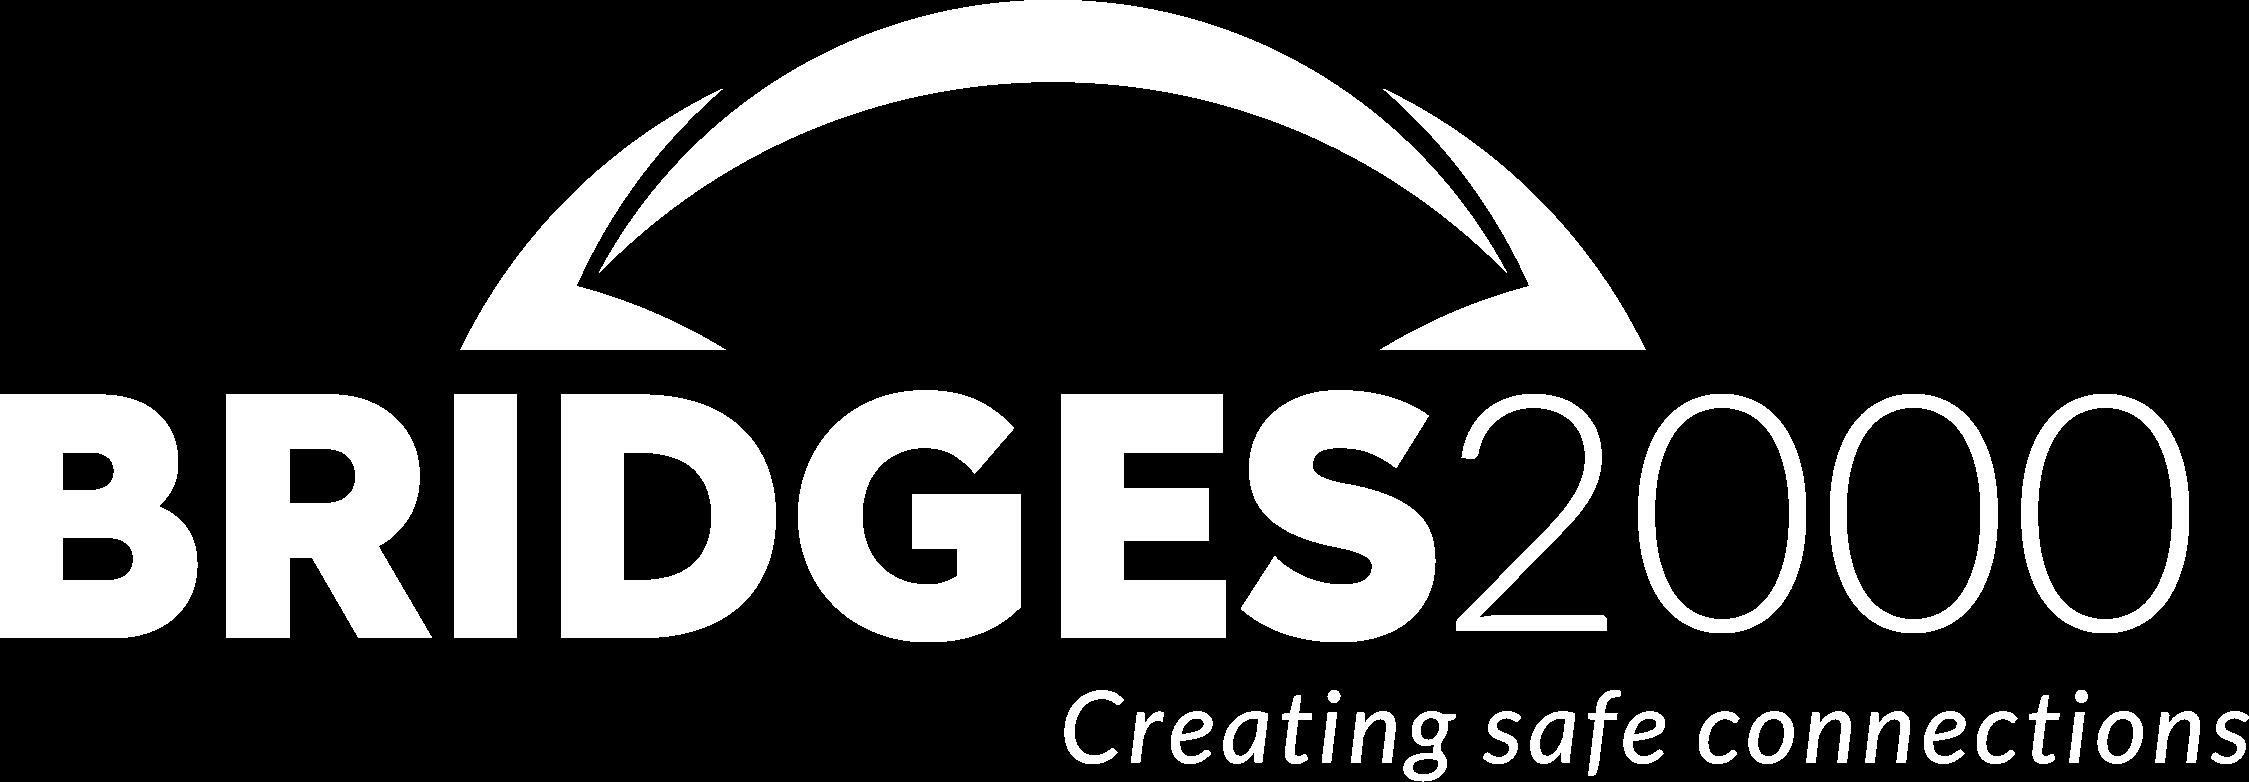 BRIDGES2000 logo wit